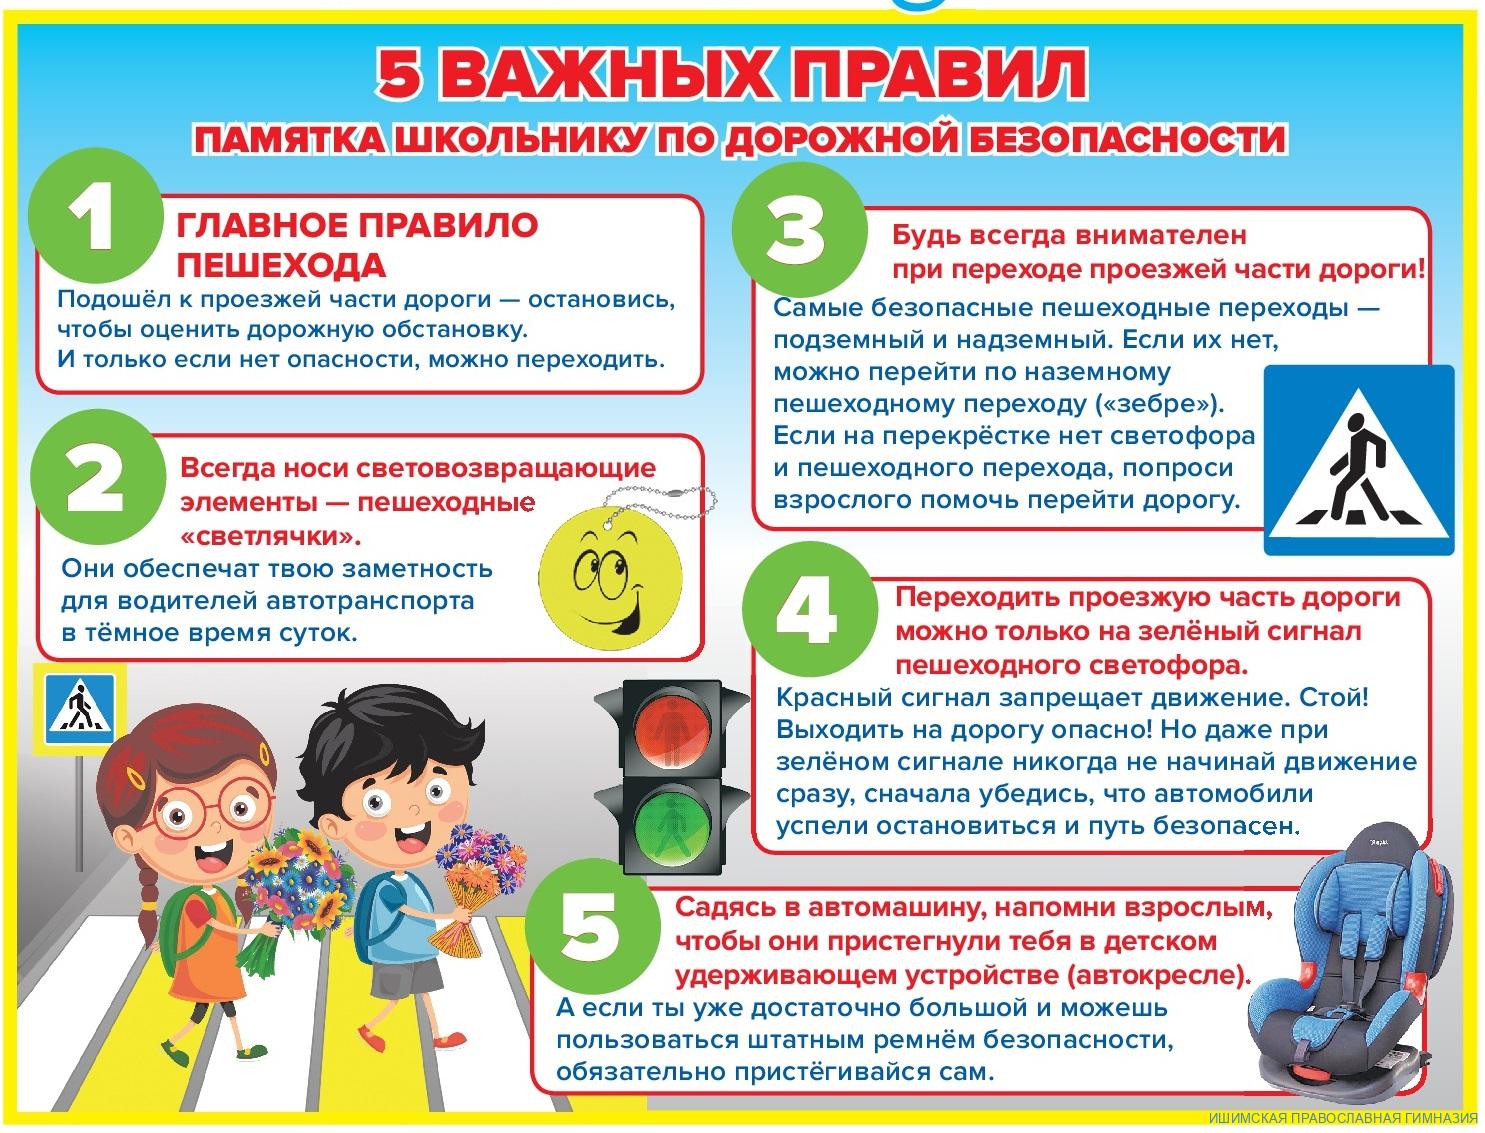 Памятка-школьнику-по-дорожной-безопасности